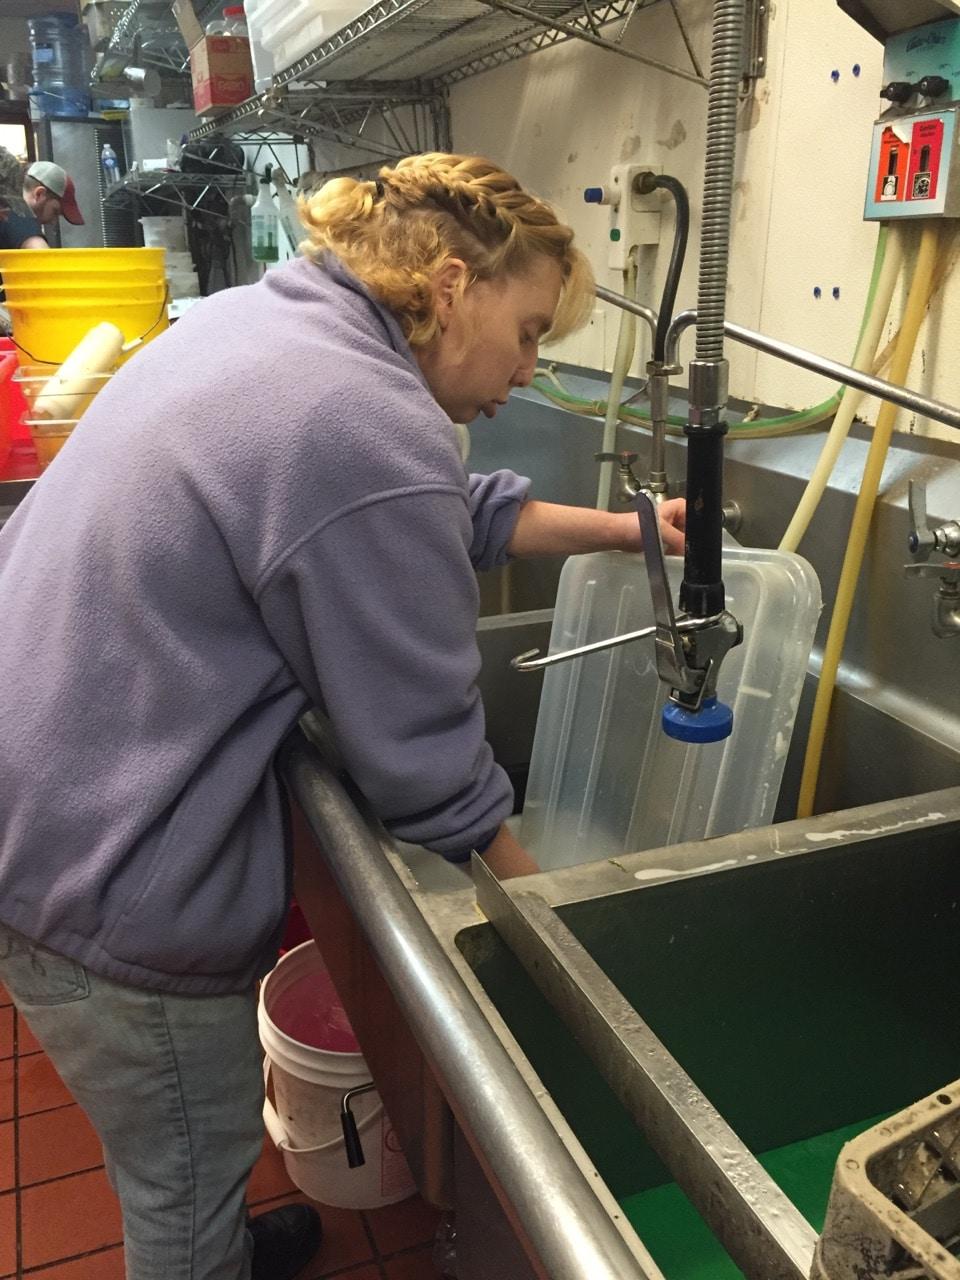 Amanda Washing Dishes